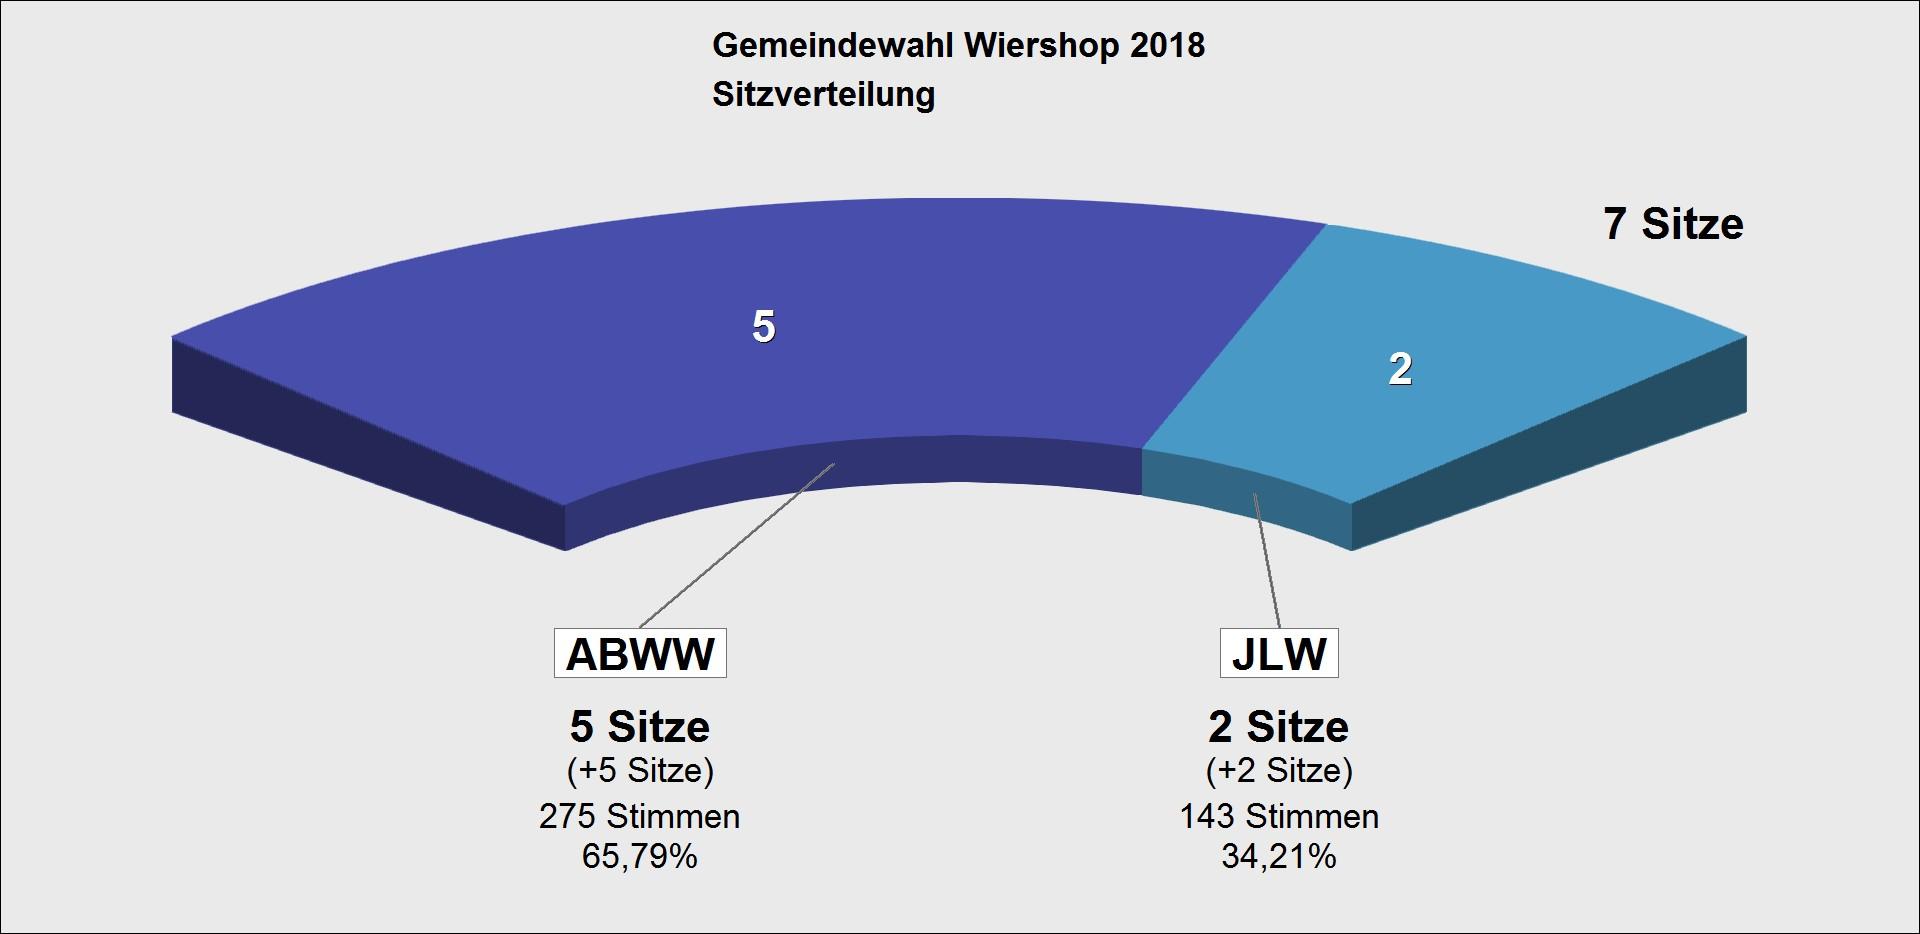 GWA 2018 Sitzverteilung GV Wiershop